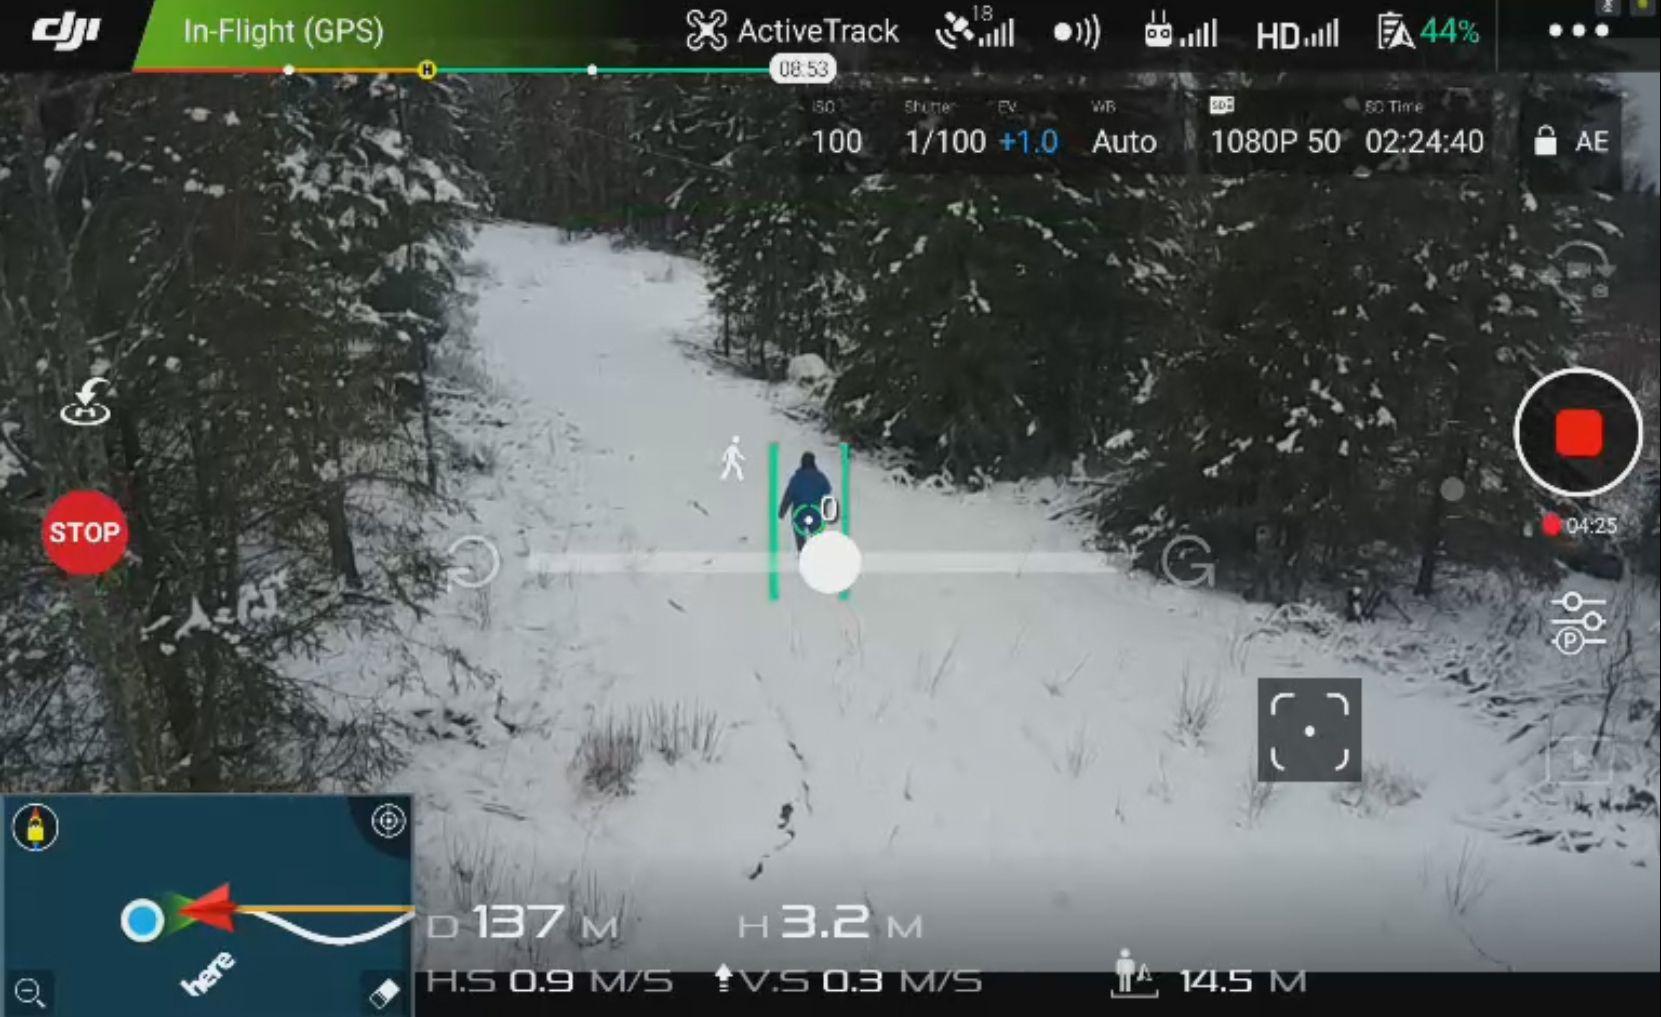 Ved hjelp av kollisjonssensorene fikk vi til og med dronen til å følge oss inn blant trærne uten å krasje, og dronen reduserte også høyden sin da jeg beveget med nedover i terrenget.